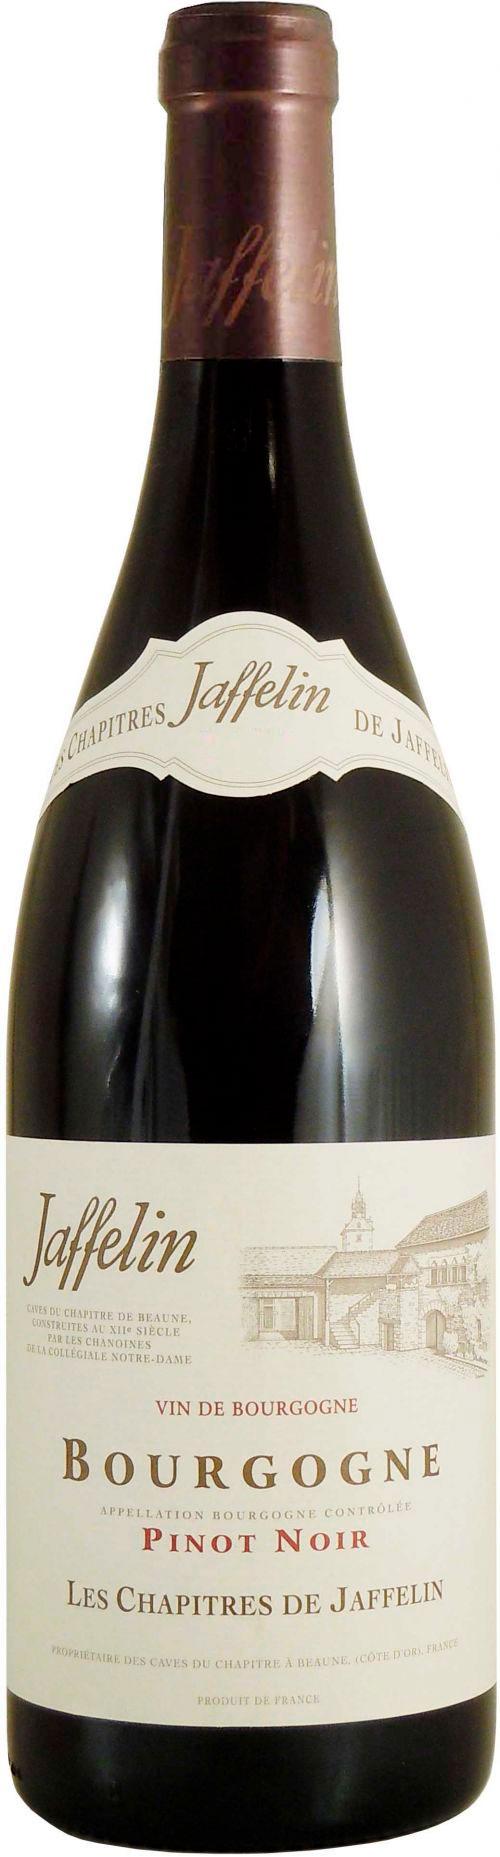 Bourgogne Pinot Noir ( Jaffelin ) 2018